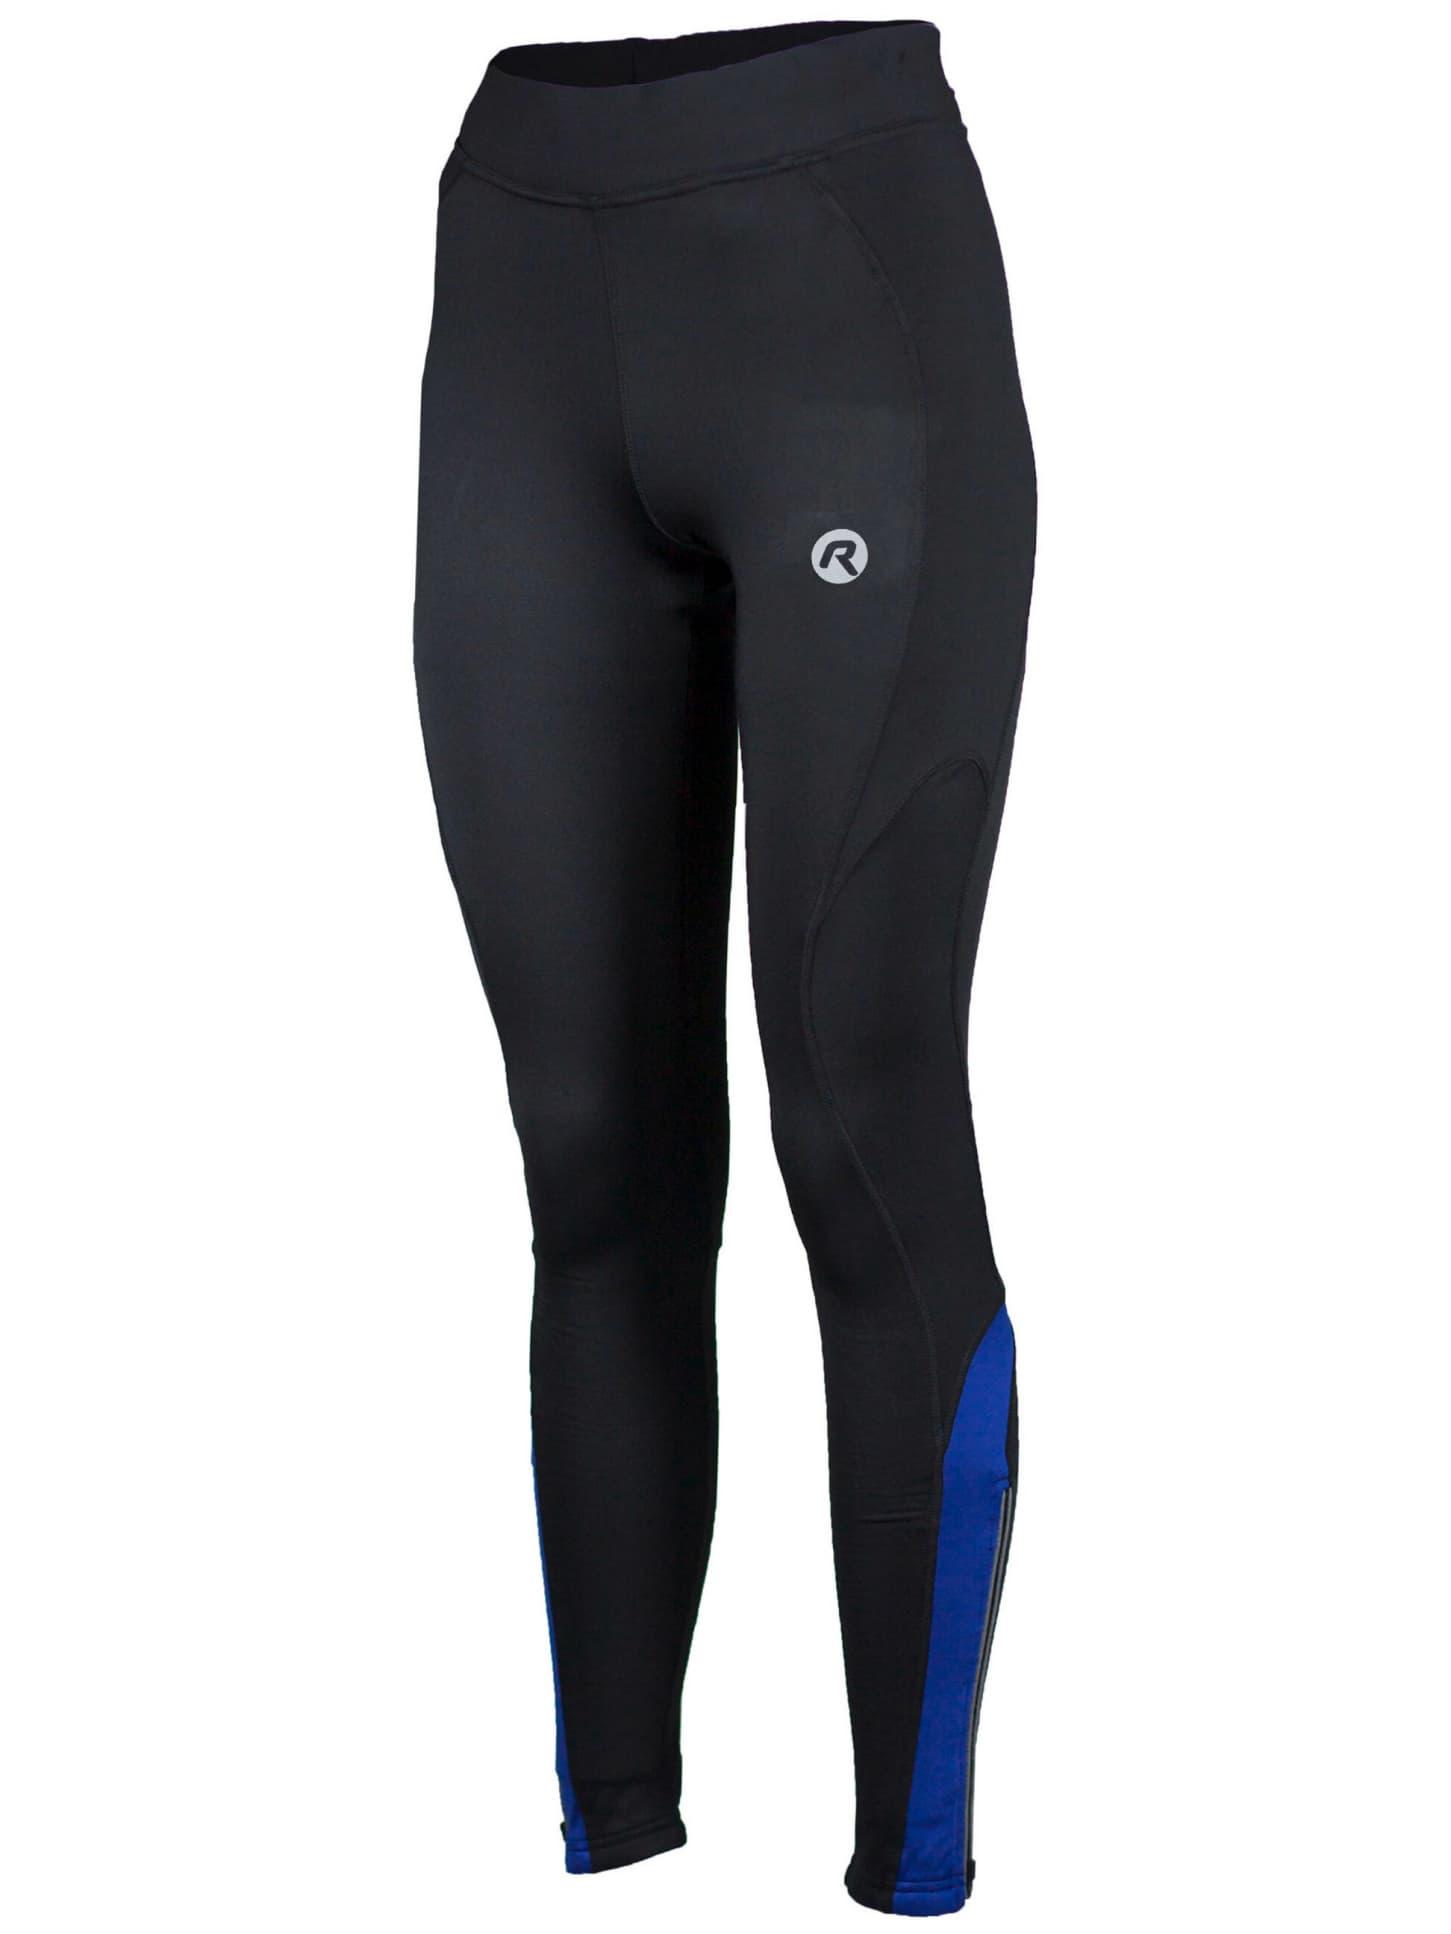 5a3c66833265 Dámské běžecké kalhoty Rogelli EMNA